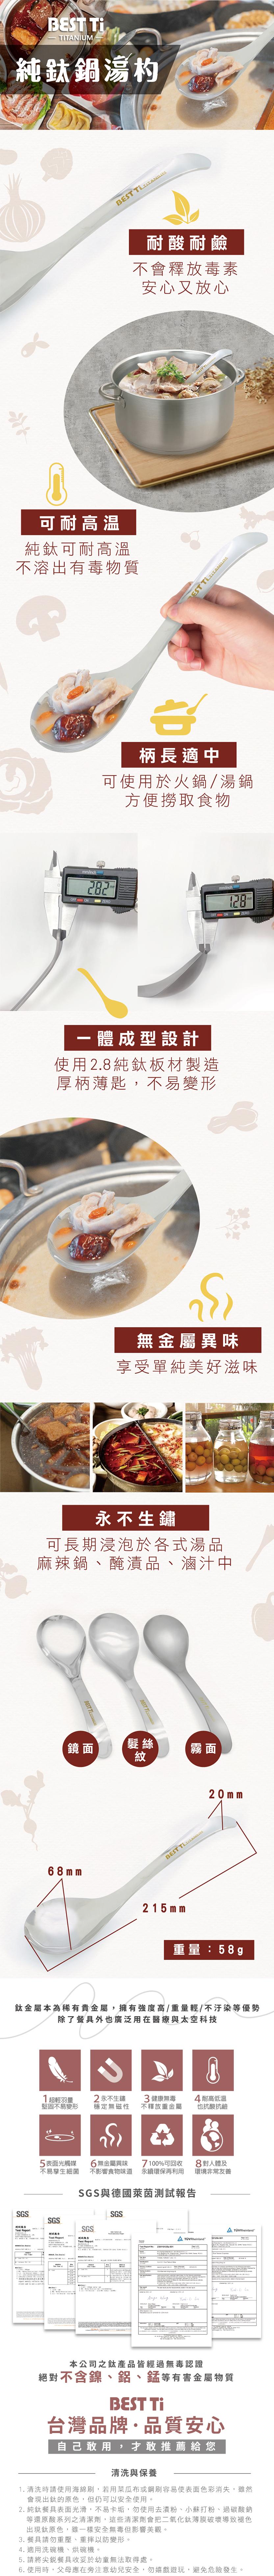 (複製)BergHOFF焙高福 Ron羅恩白楊日式刀(16CM)